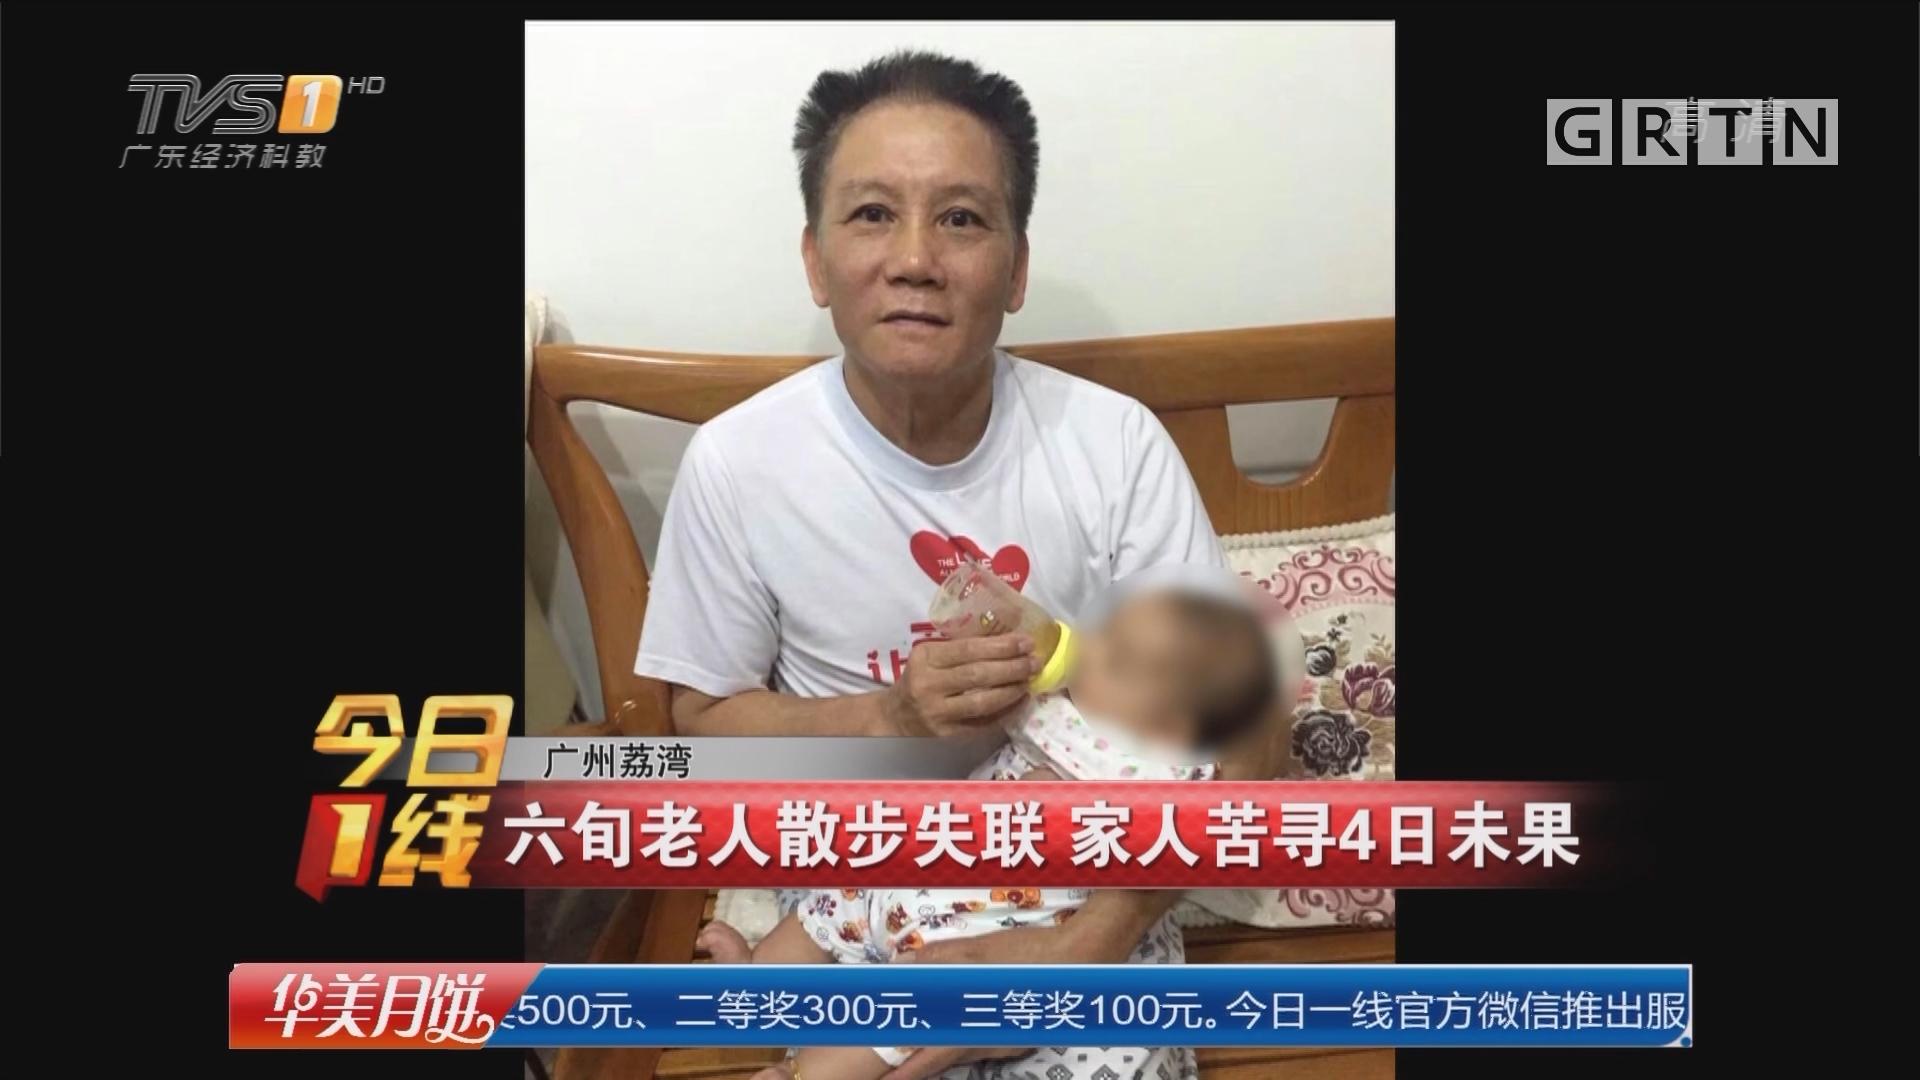 广州荔湾:六旬老人散步失联 家人苦寻4日未果